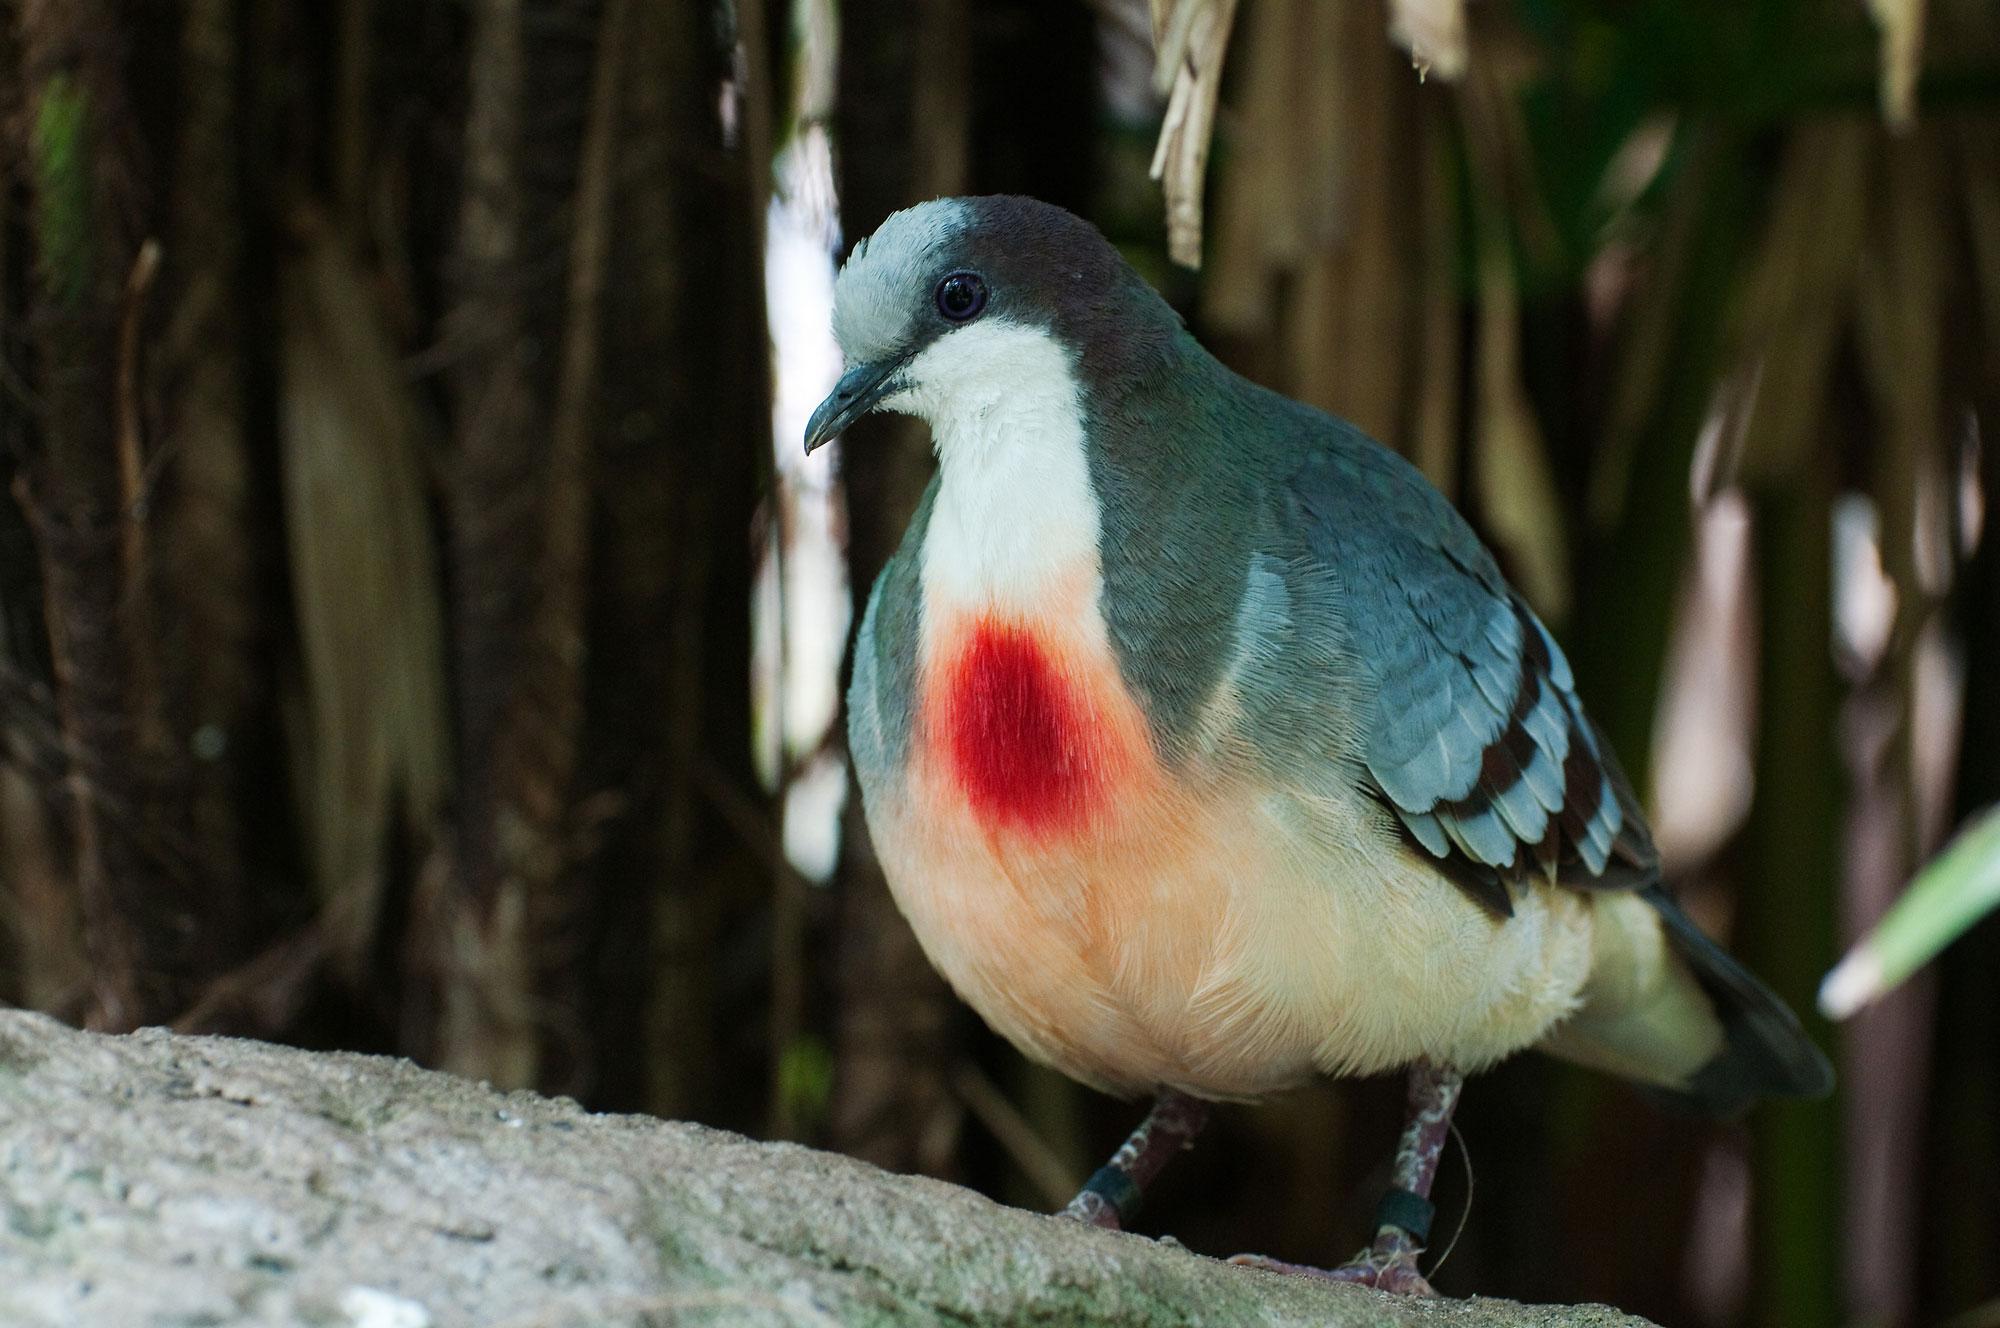 теперь вашей подстреленная птица картинки вас сделаем